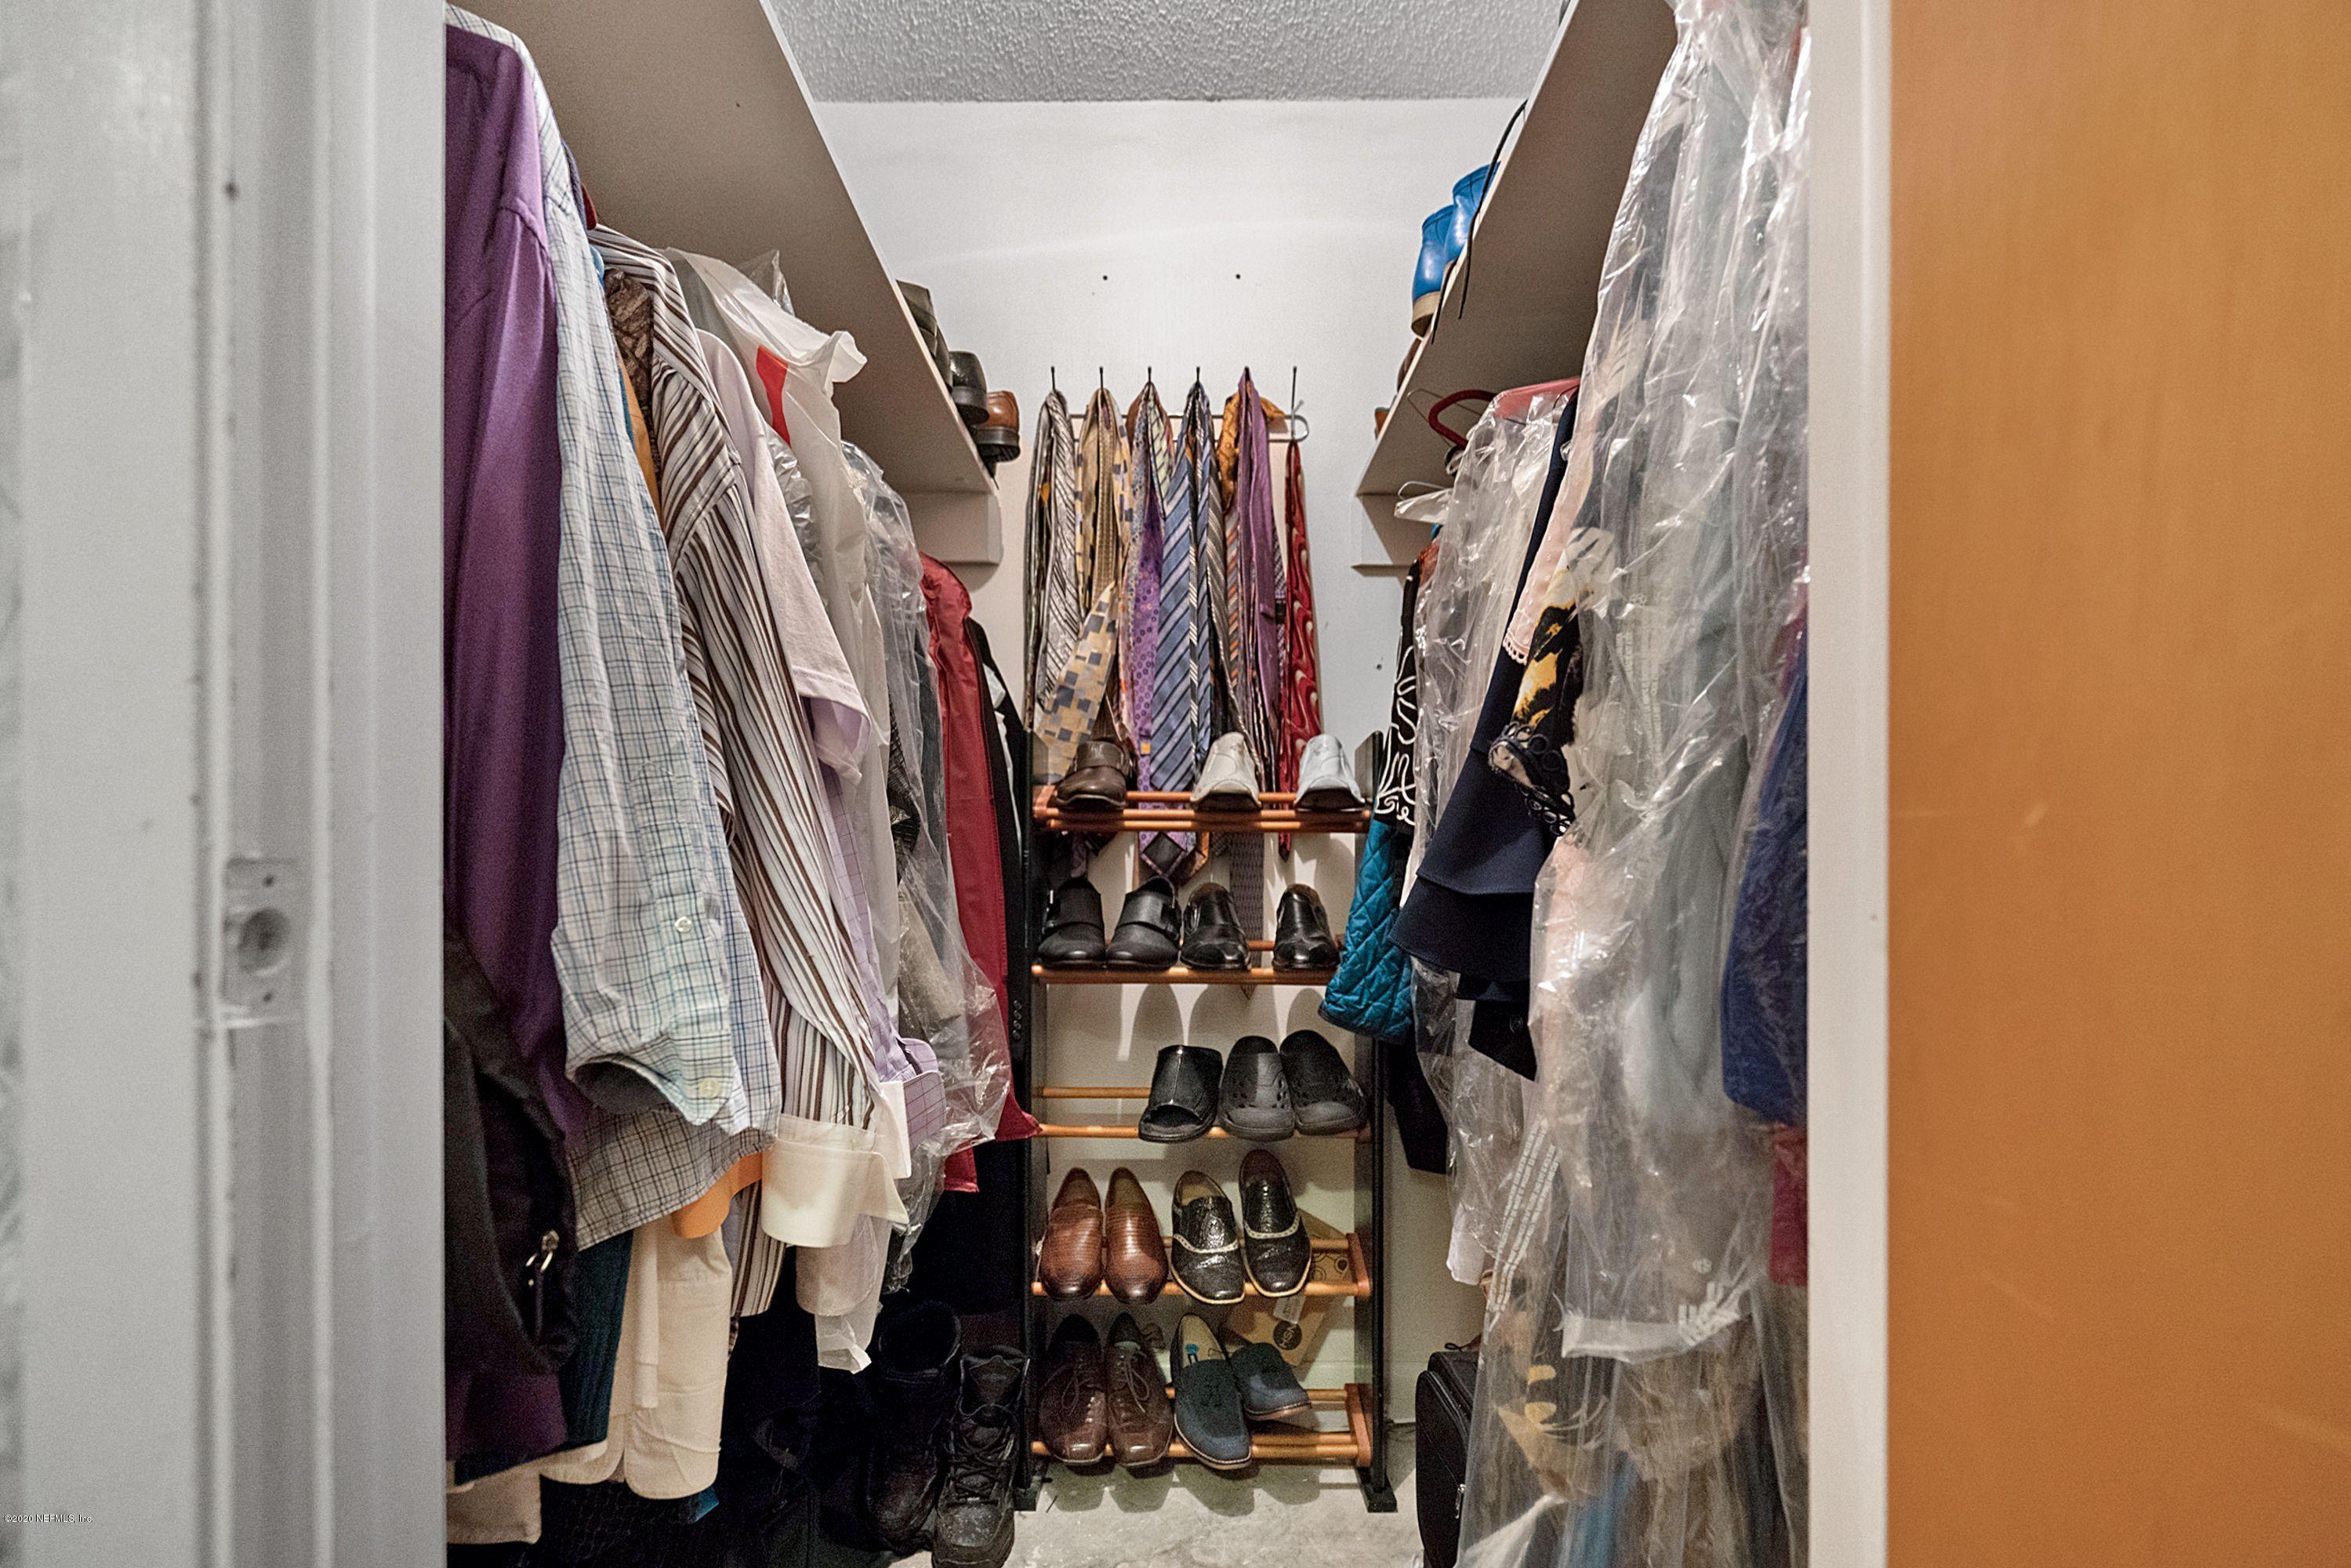 4724 TARA WOODS, JACKSONVILLE, FLORIDA 32210, 3 Bedrooms Bedrooms, ,2 BathroomsBathrooms,Residential,For sale,TARA WOODS,1083115